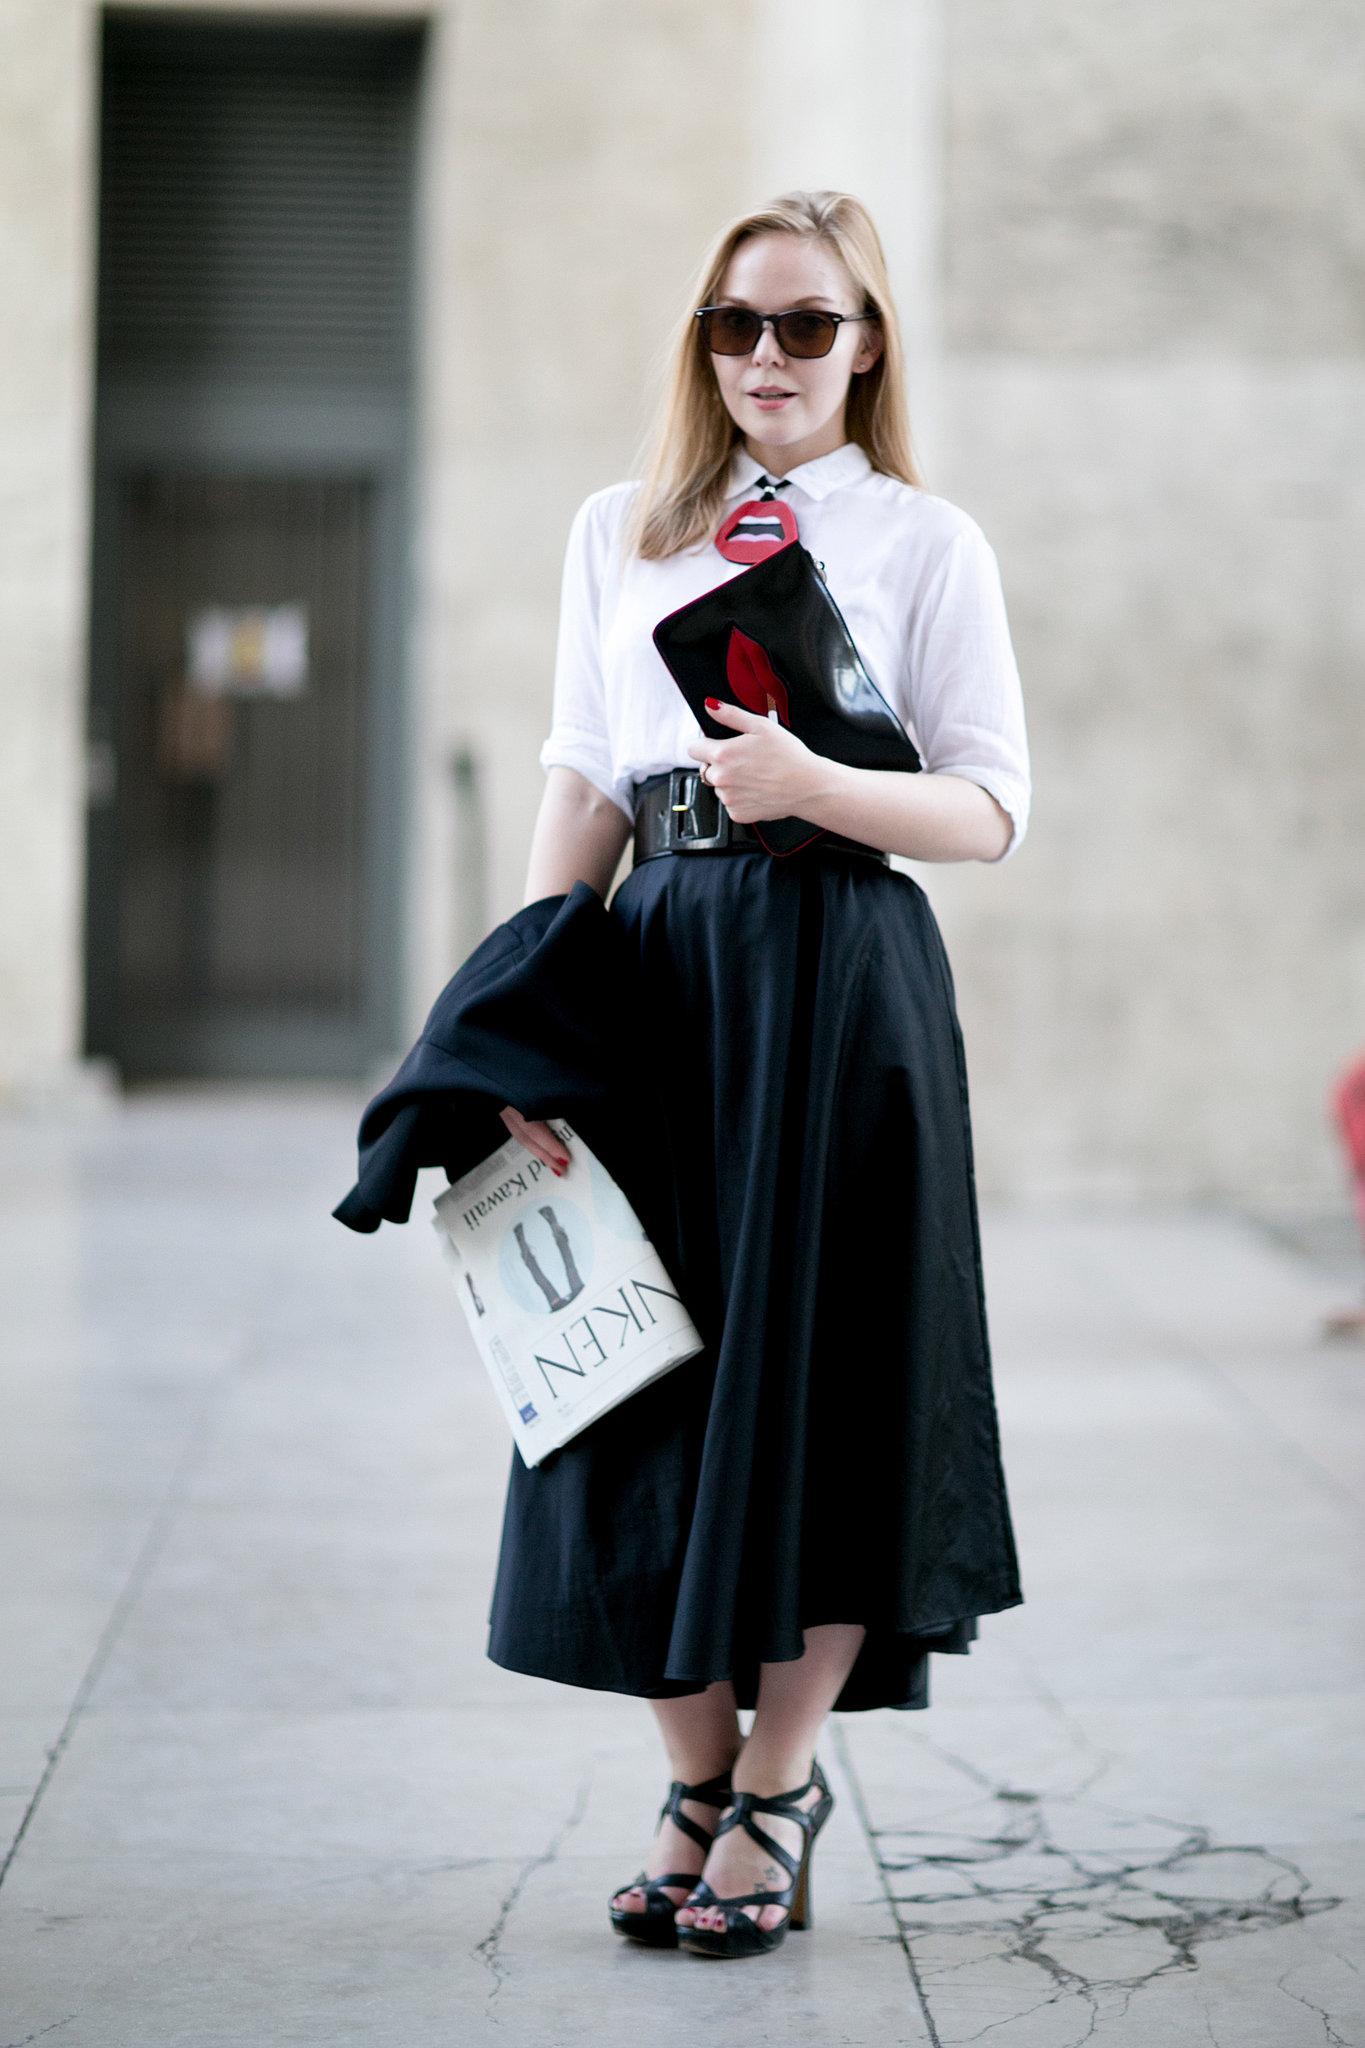 На фото: стиль ретро 50-х годов - расклешённая черная юбка с белой кофтой.